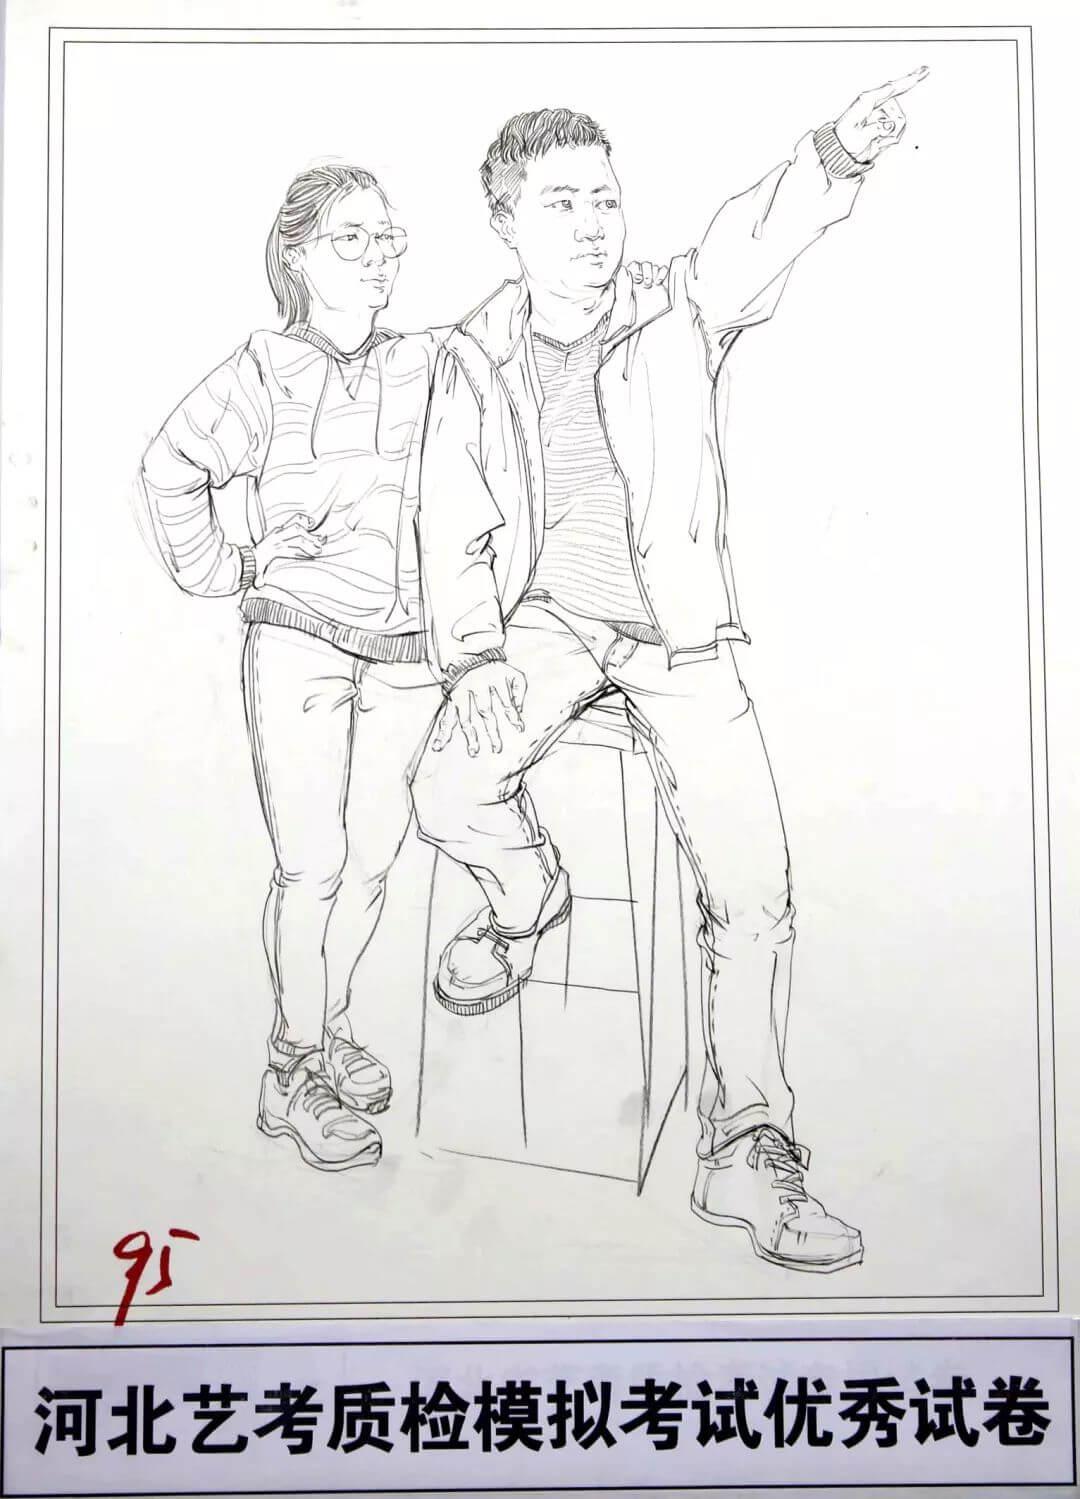 河北艺考二模高分卷精选集——速写高分卷,广州画室     11